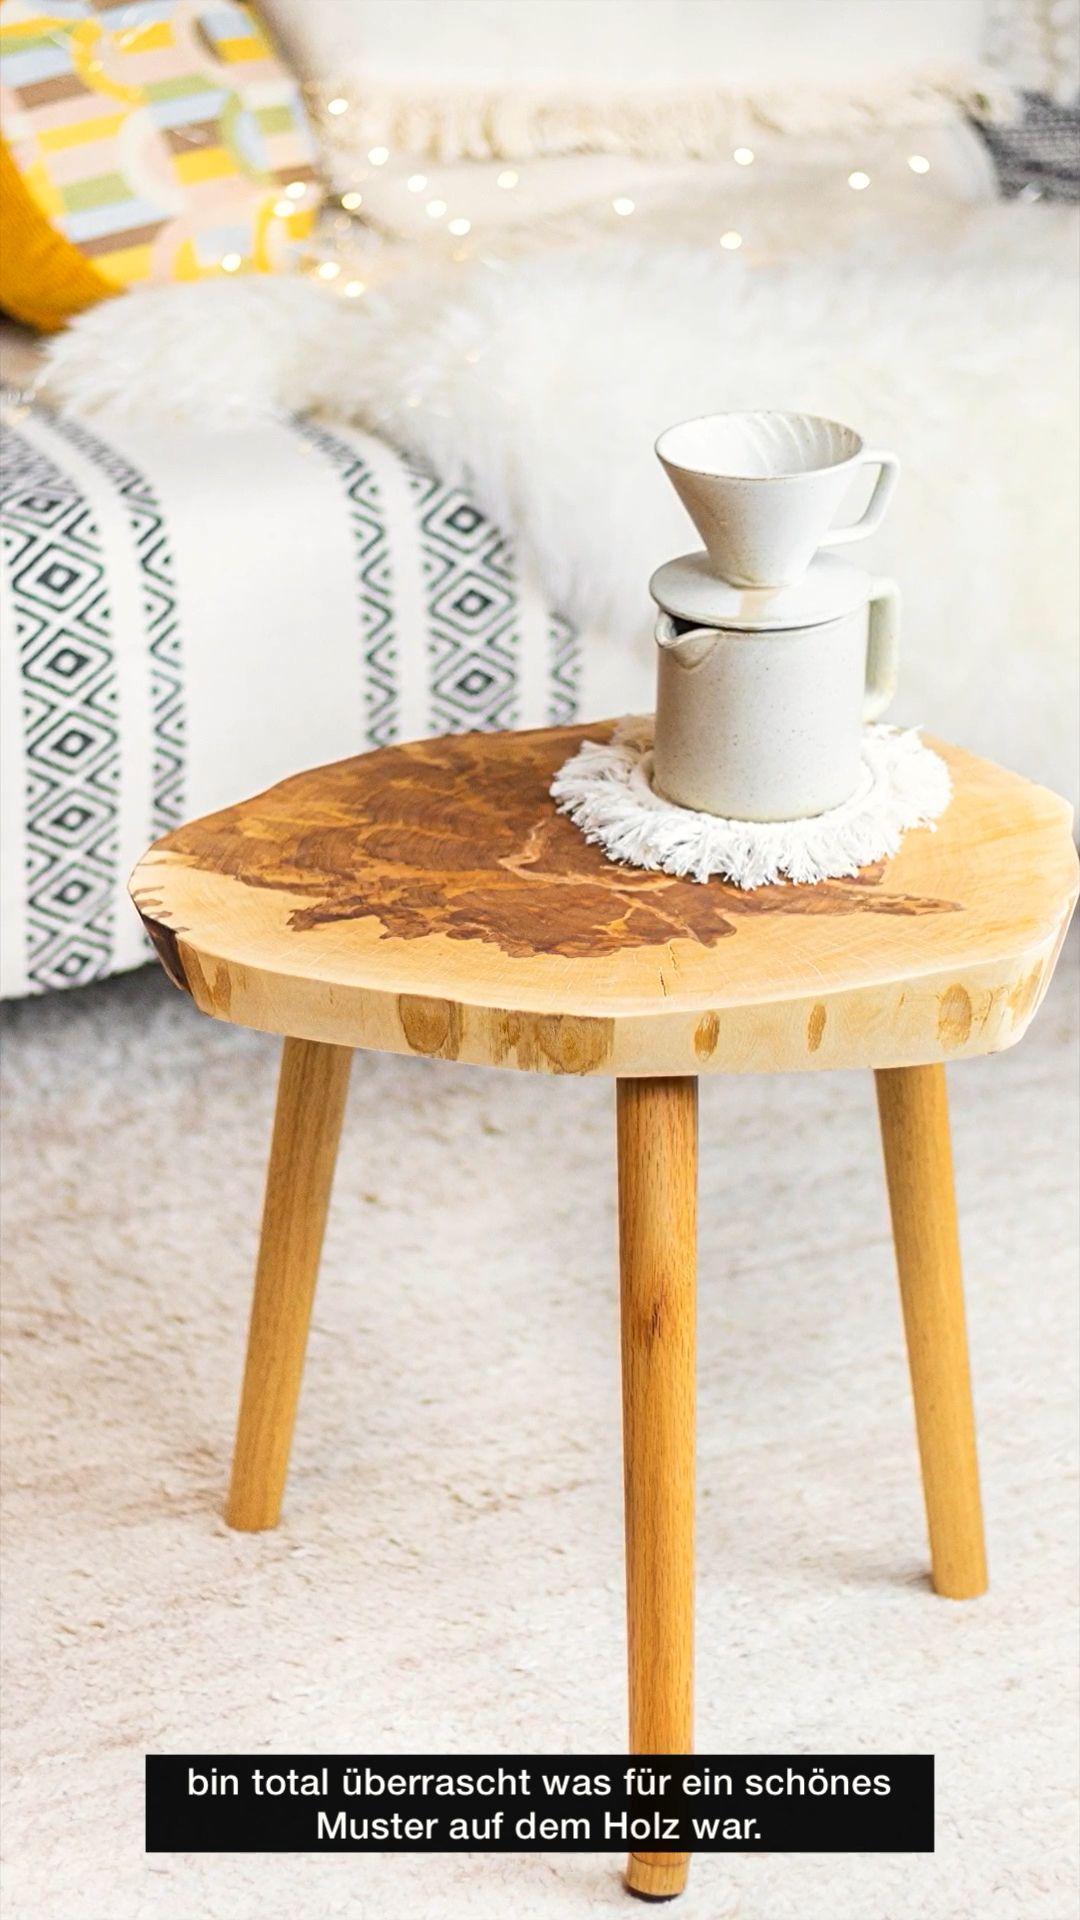 DIY Beistelltisch aus einer Holzscheibe bauen